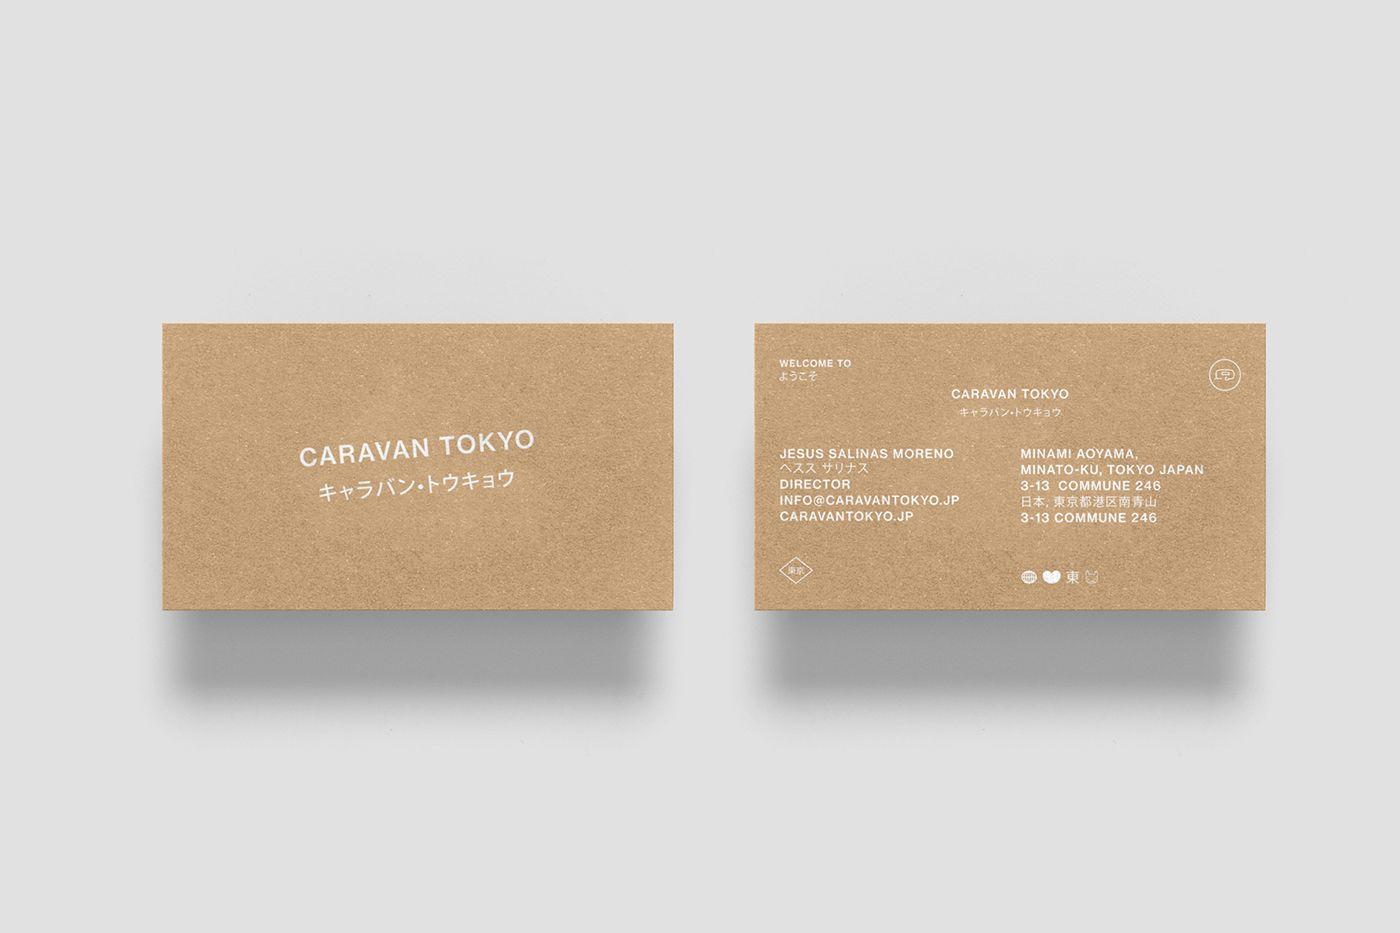 Caravan tokyo branding business cards white ink kraft paper caravan tokyo branding business cards white ink kraft paper typography magicingreecefo Gallery